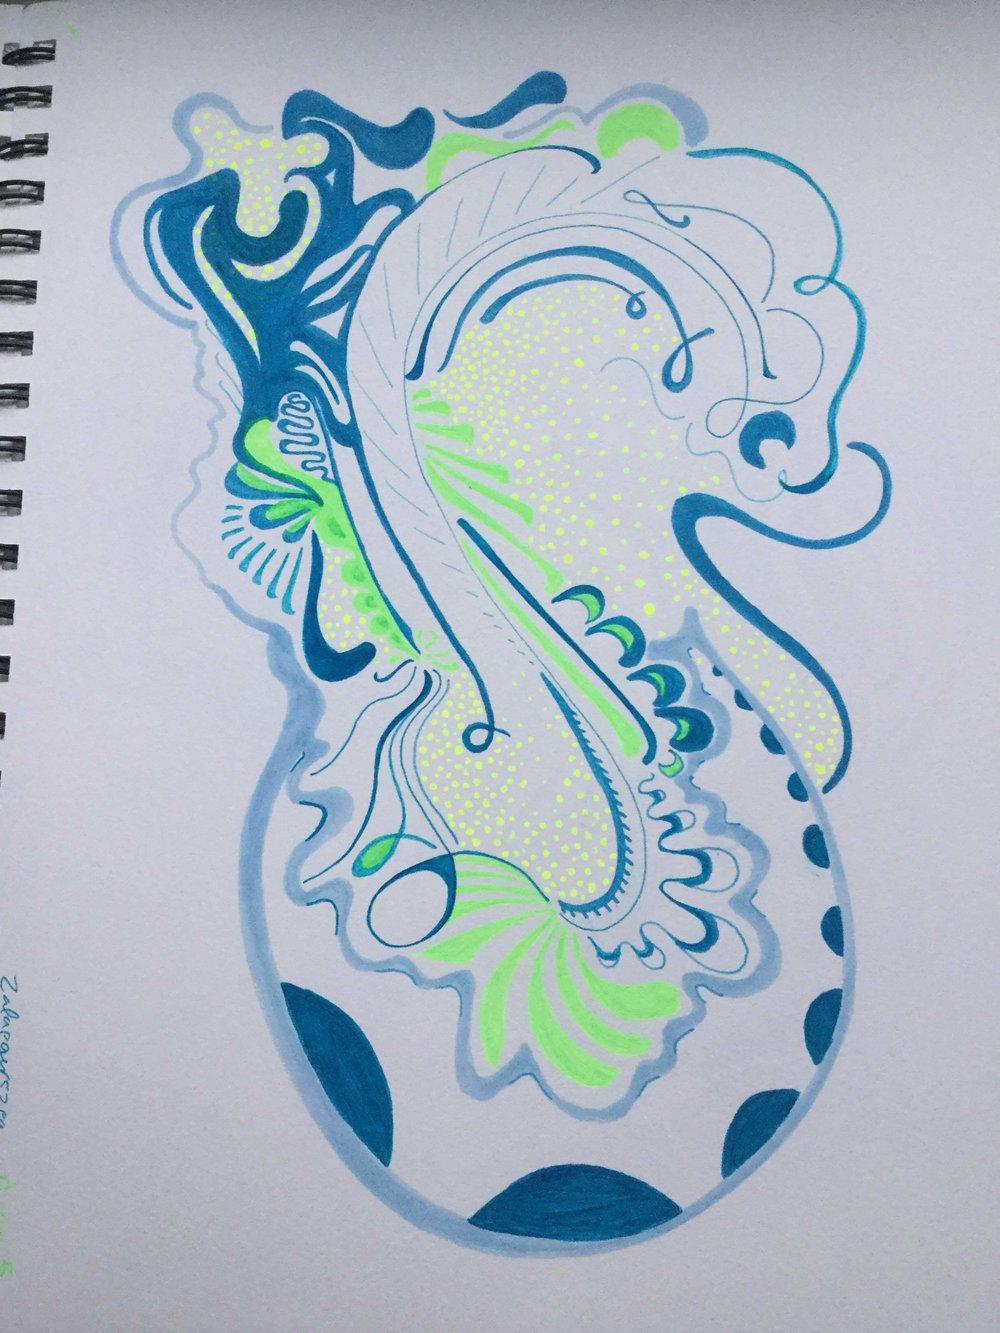 Inktober Challenge - Sad